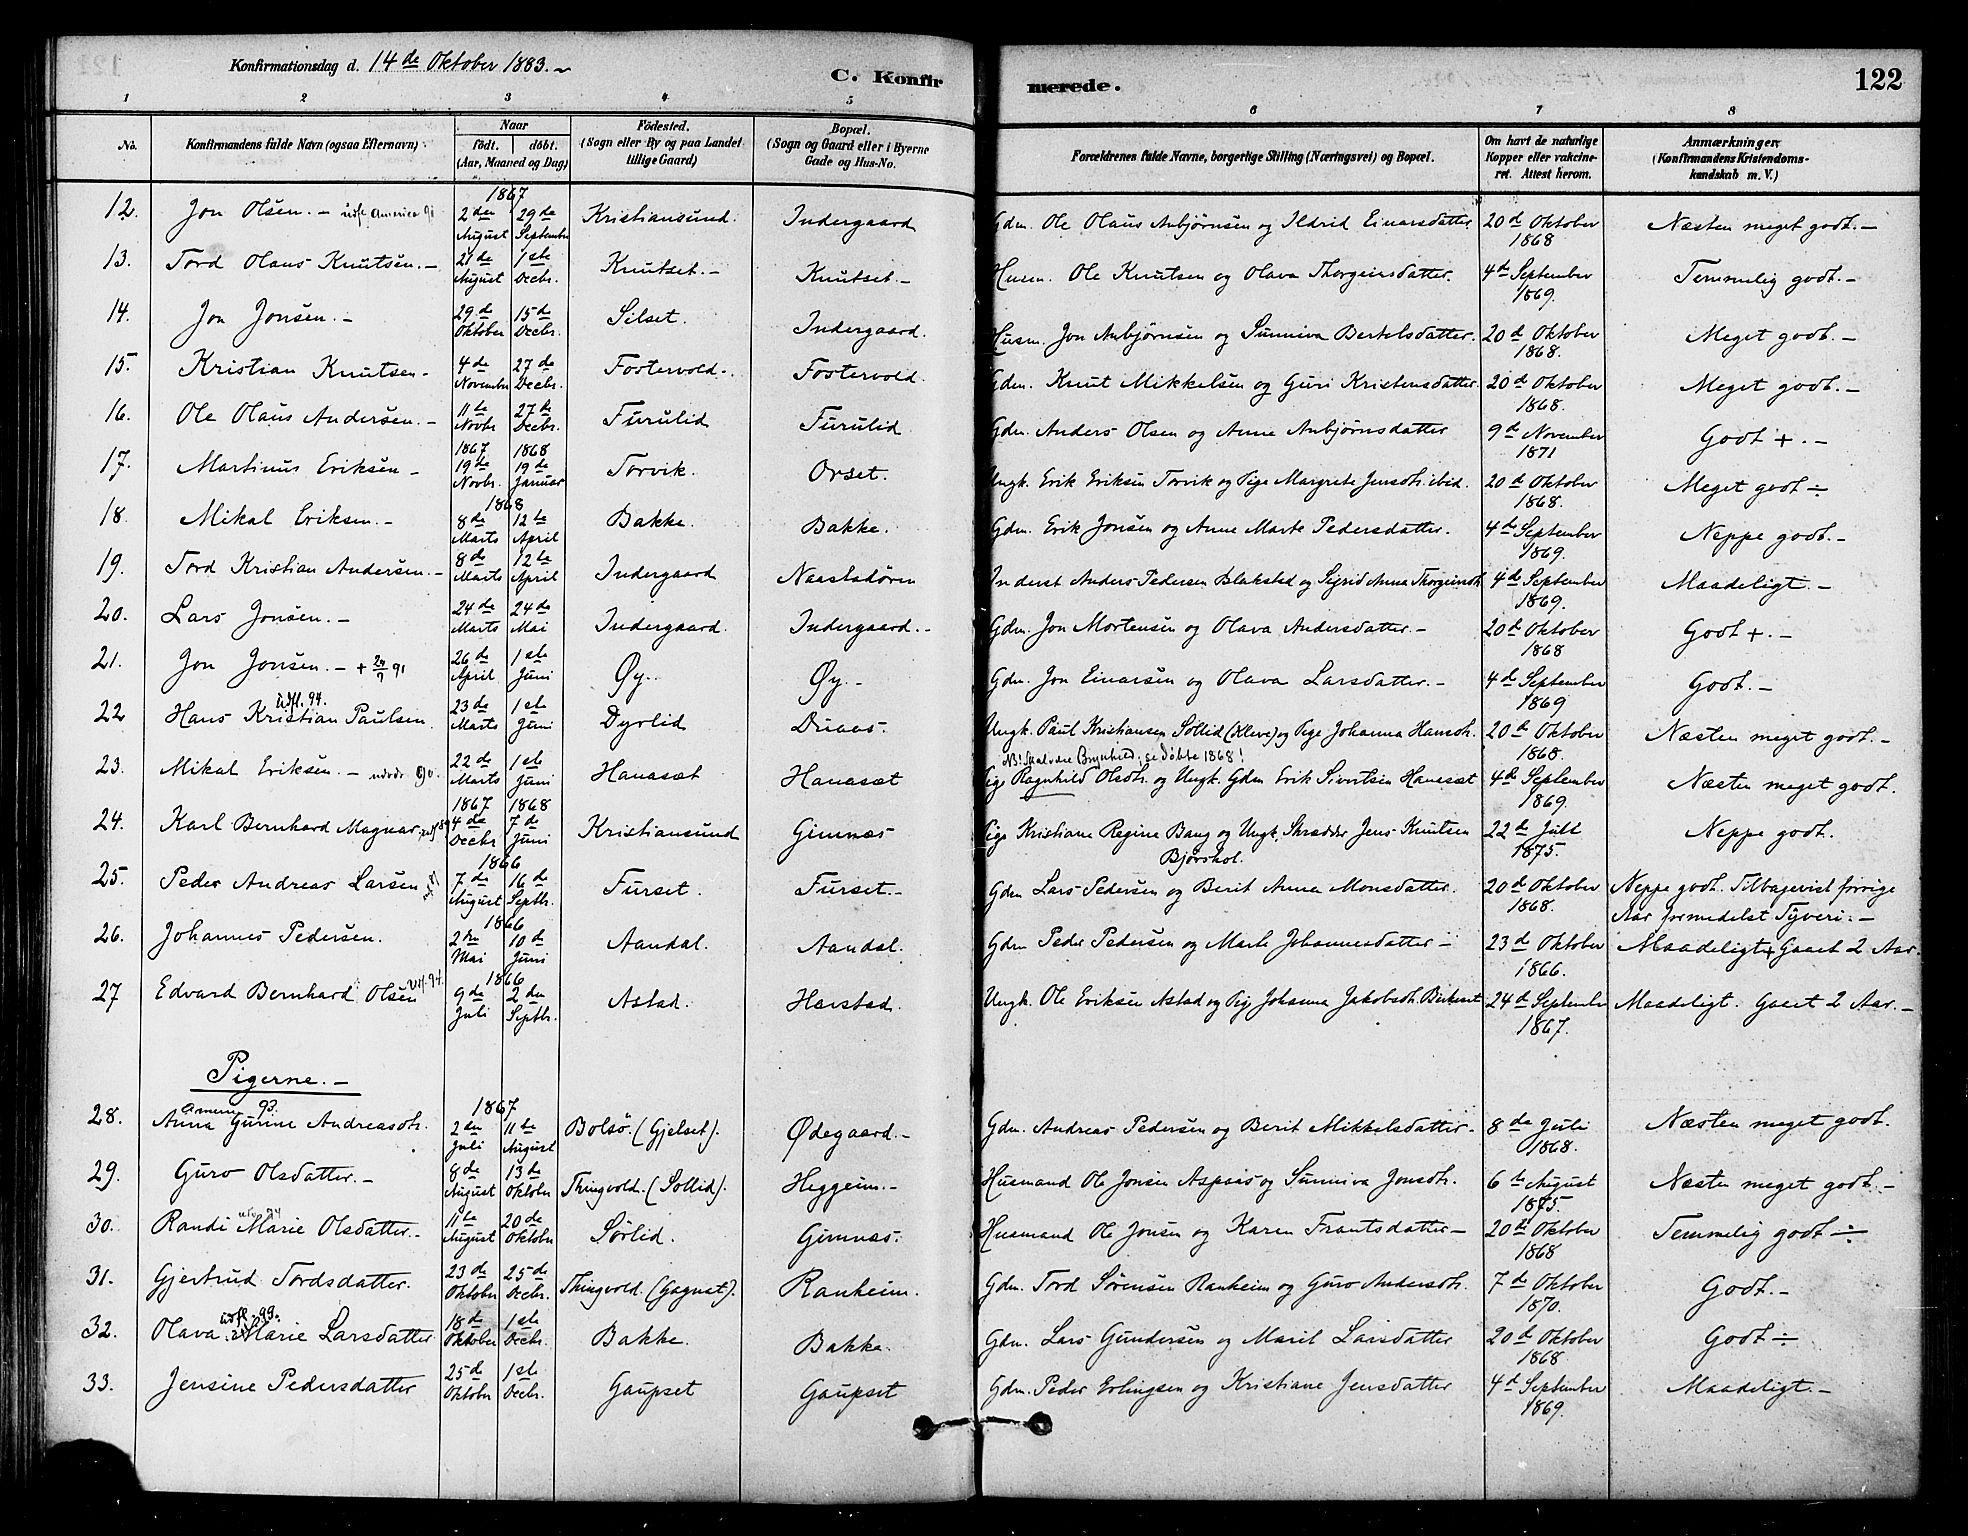 SAT, Ministerialprotokoller, klokkerbøker og fødselsregistre - Møre og Romsdal, 584/L0967: Ministerialbok nr. 584A07, 1879-1894, s. 122